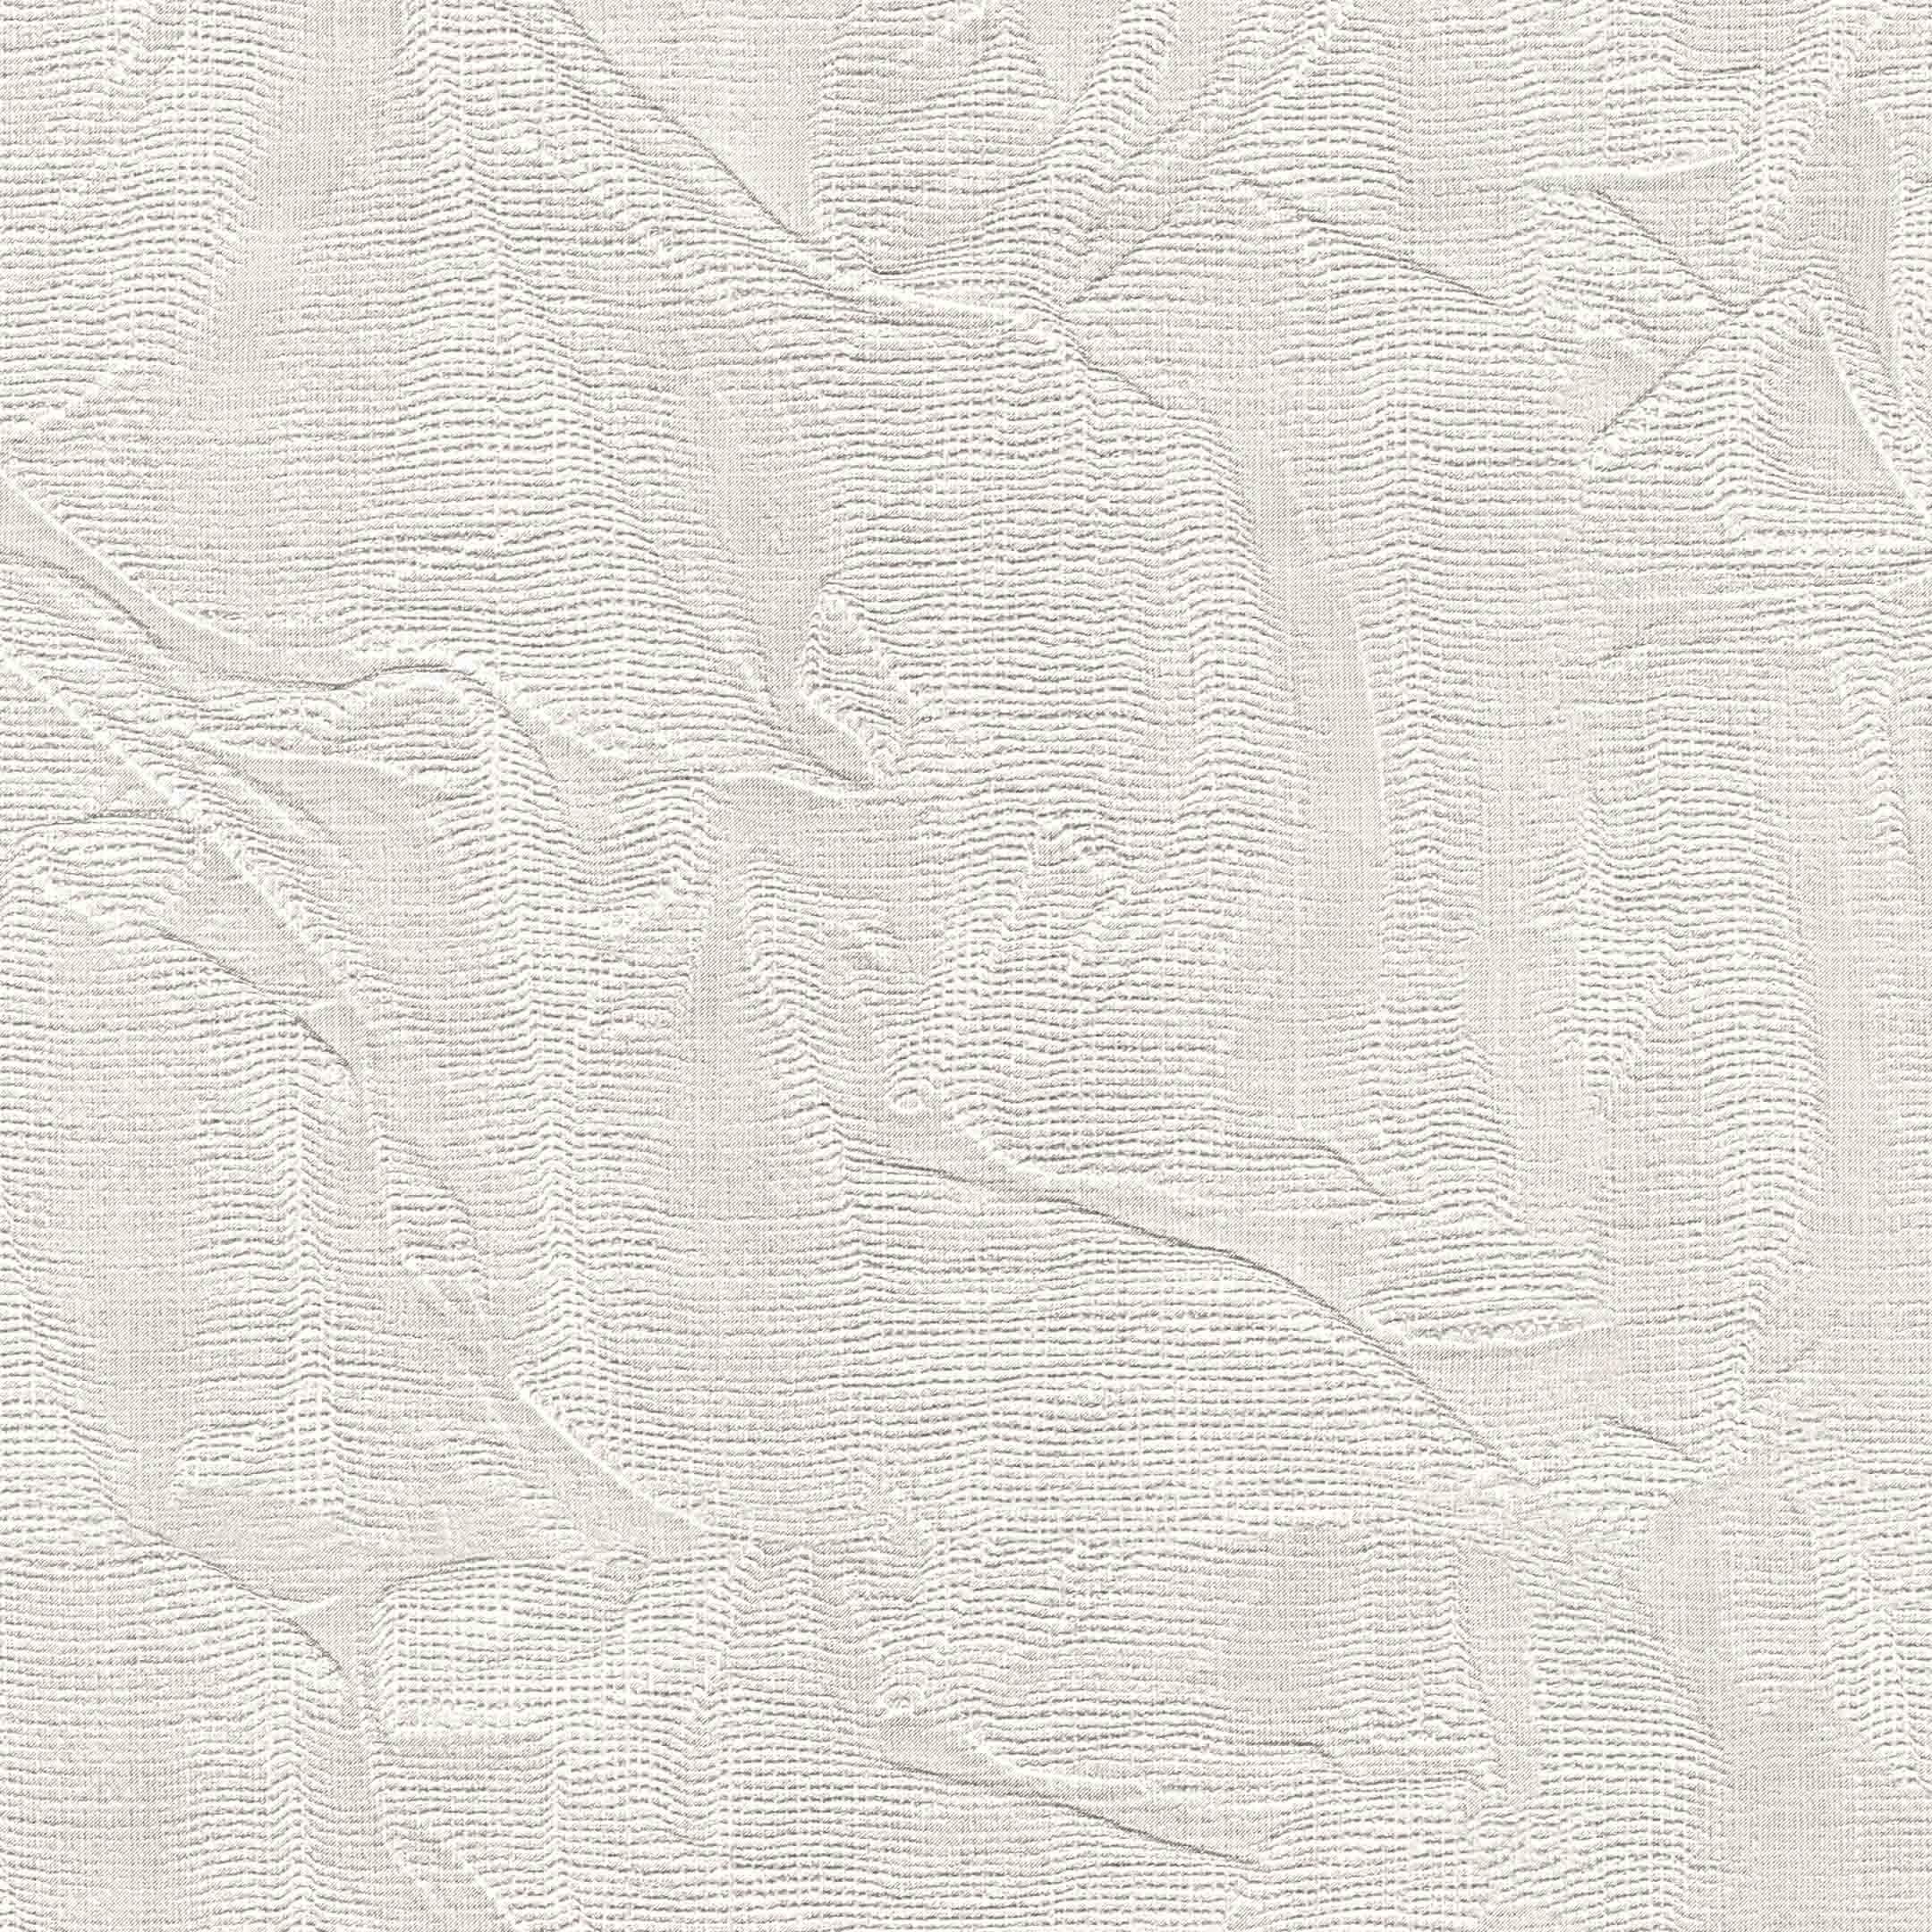 Обои виниловые на флизелиновой основе Zambaiti Murella Moda M53022 (1,06х10,05 м) стоимость